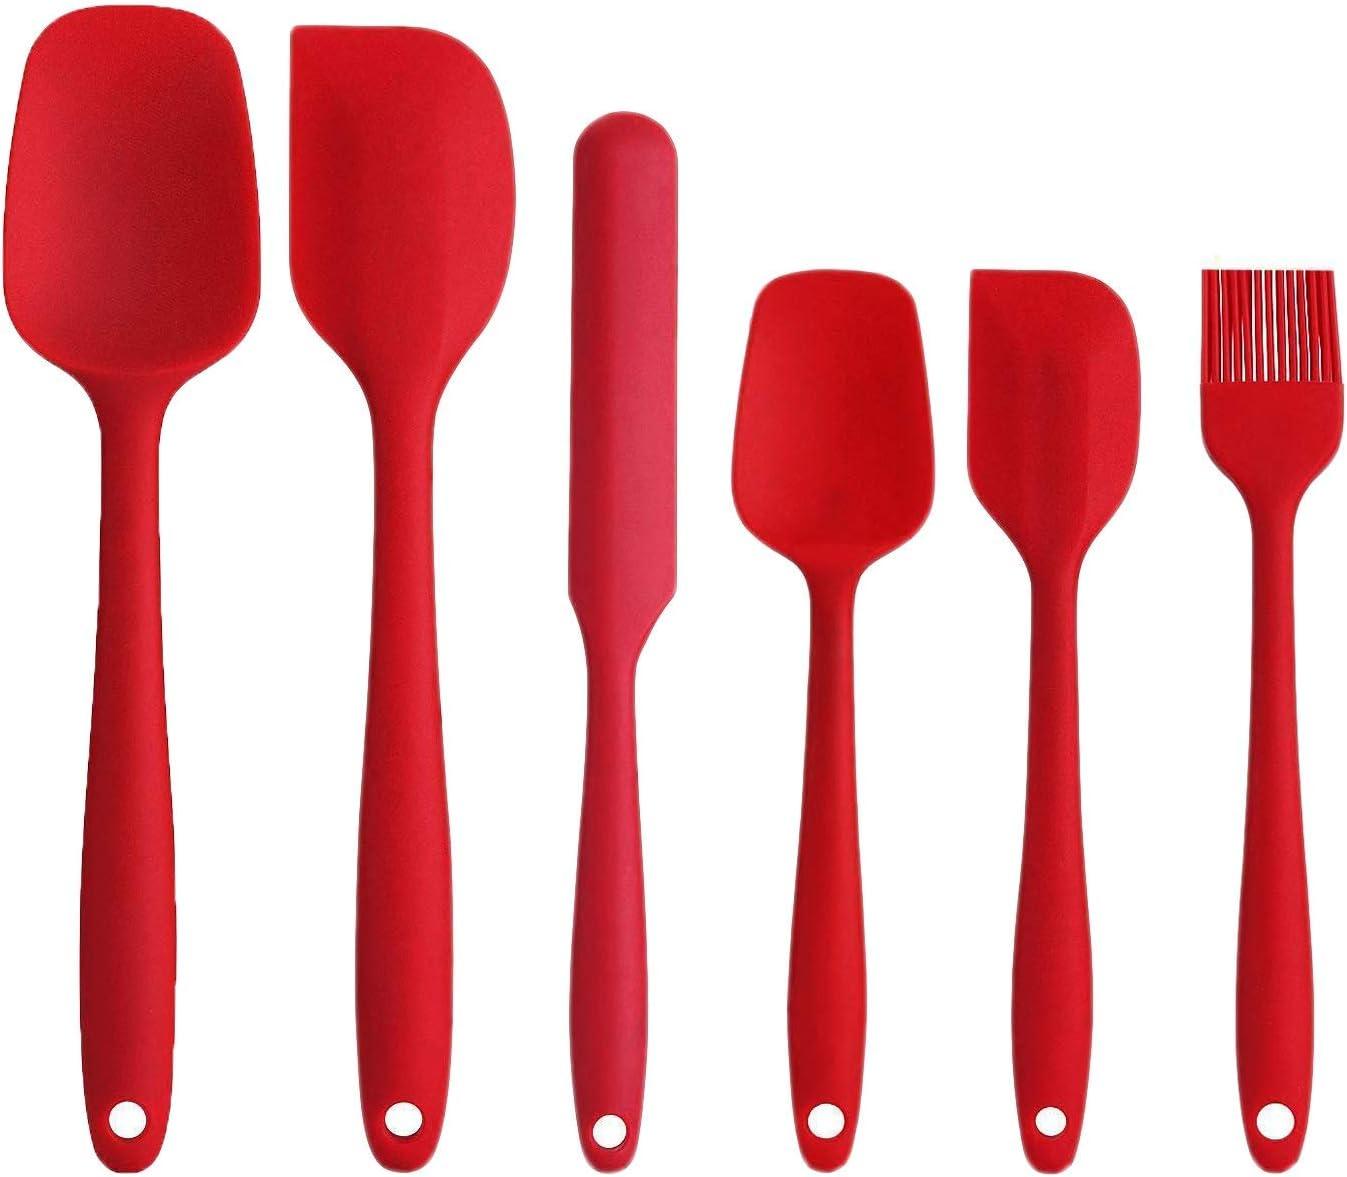 Juego de Utensilios antiadherentes para cocinar esp/átulas Resistentes al Calor n/úcleo de Acero Inoxidable Resistente Rojo Gxhong esp/átulas de Silicona Juego de 6 cocinar y Mezclar